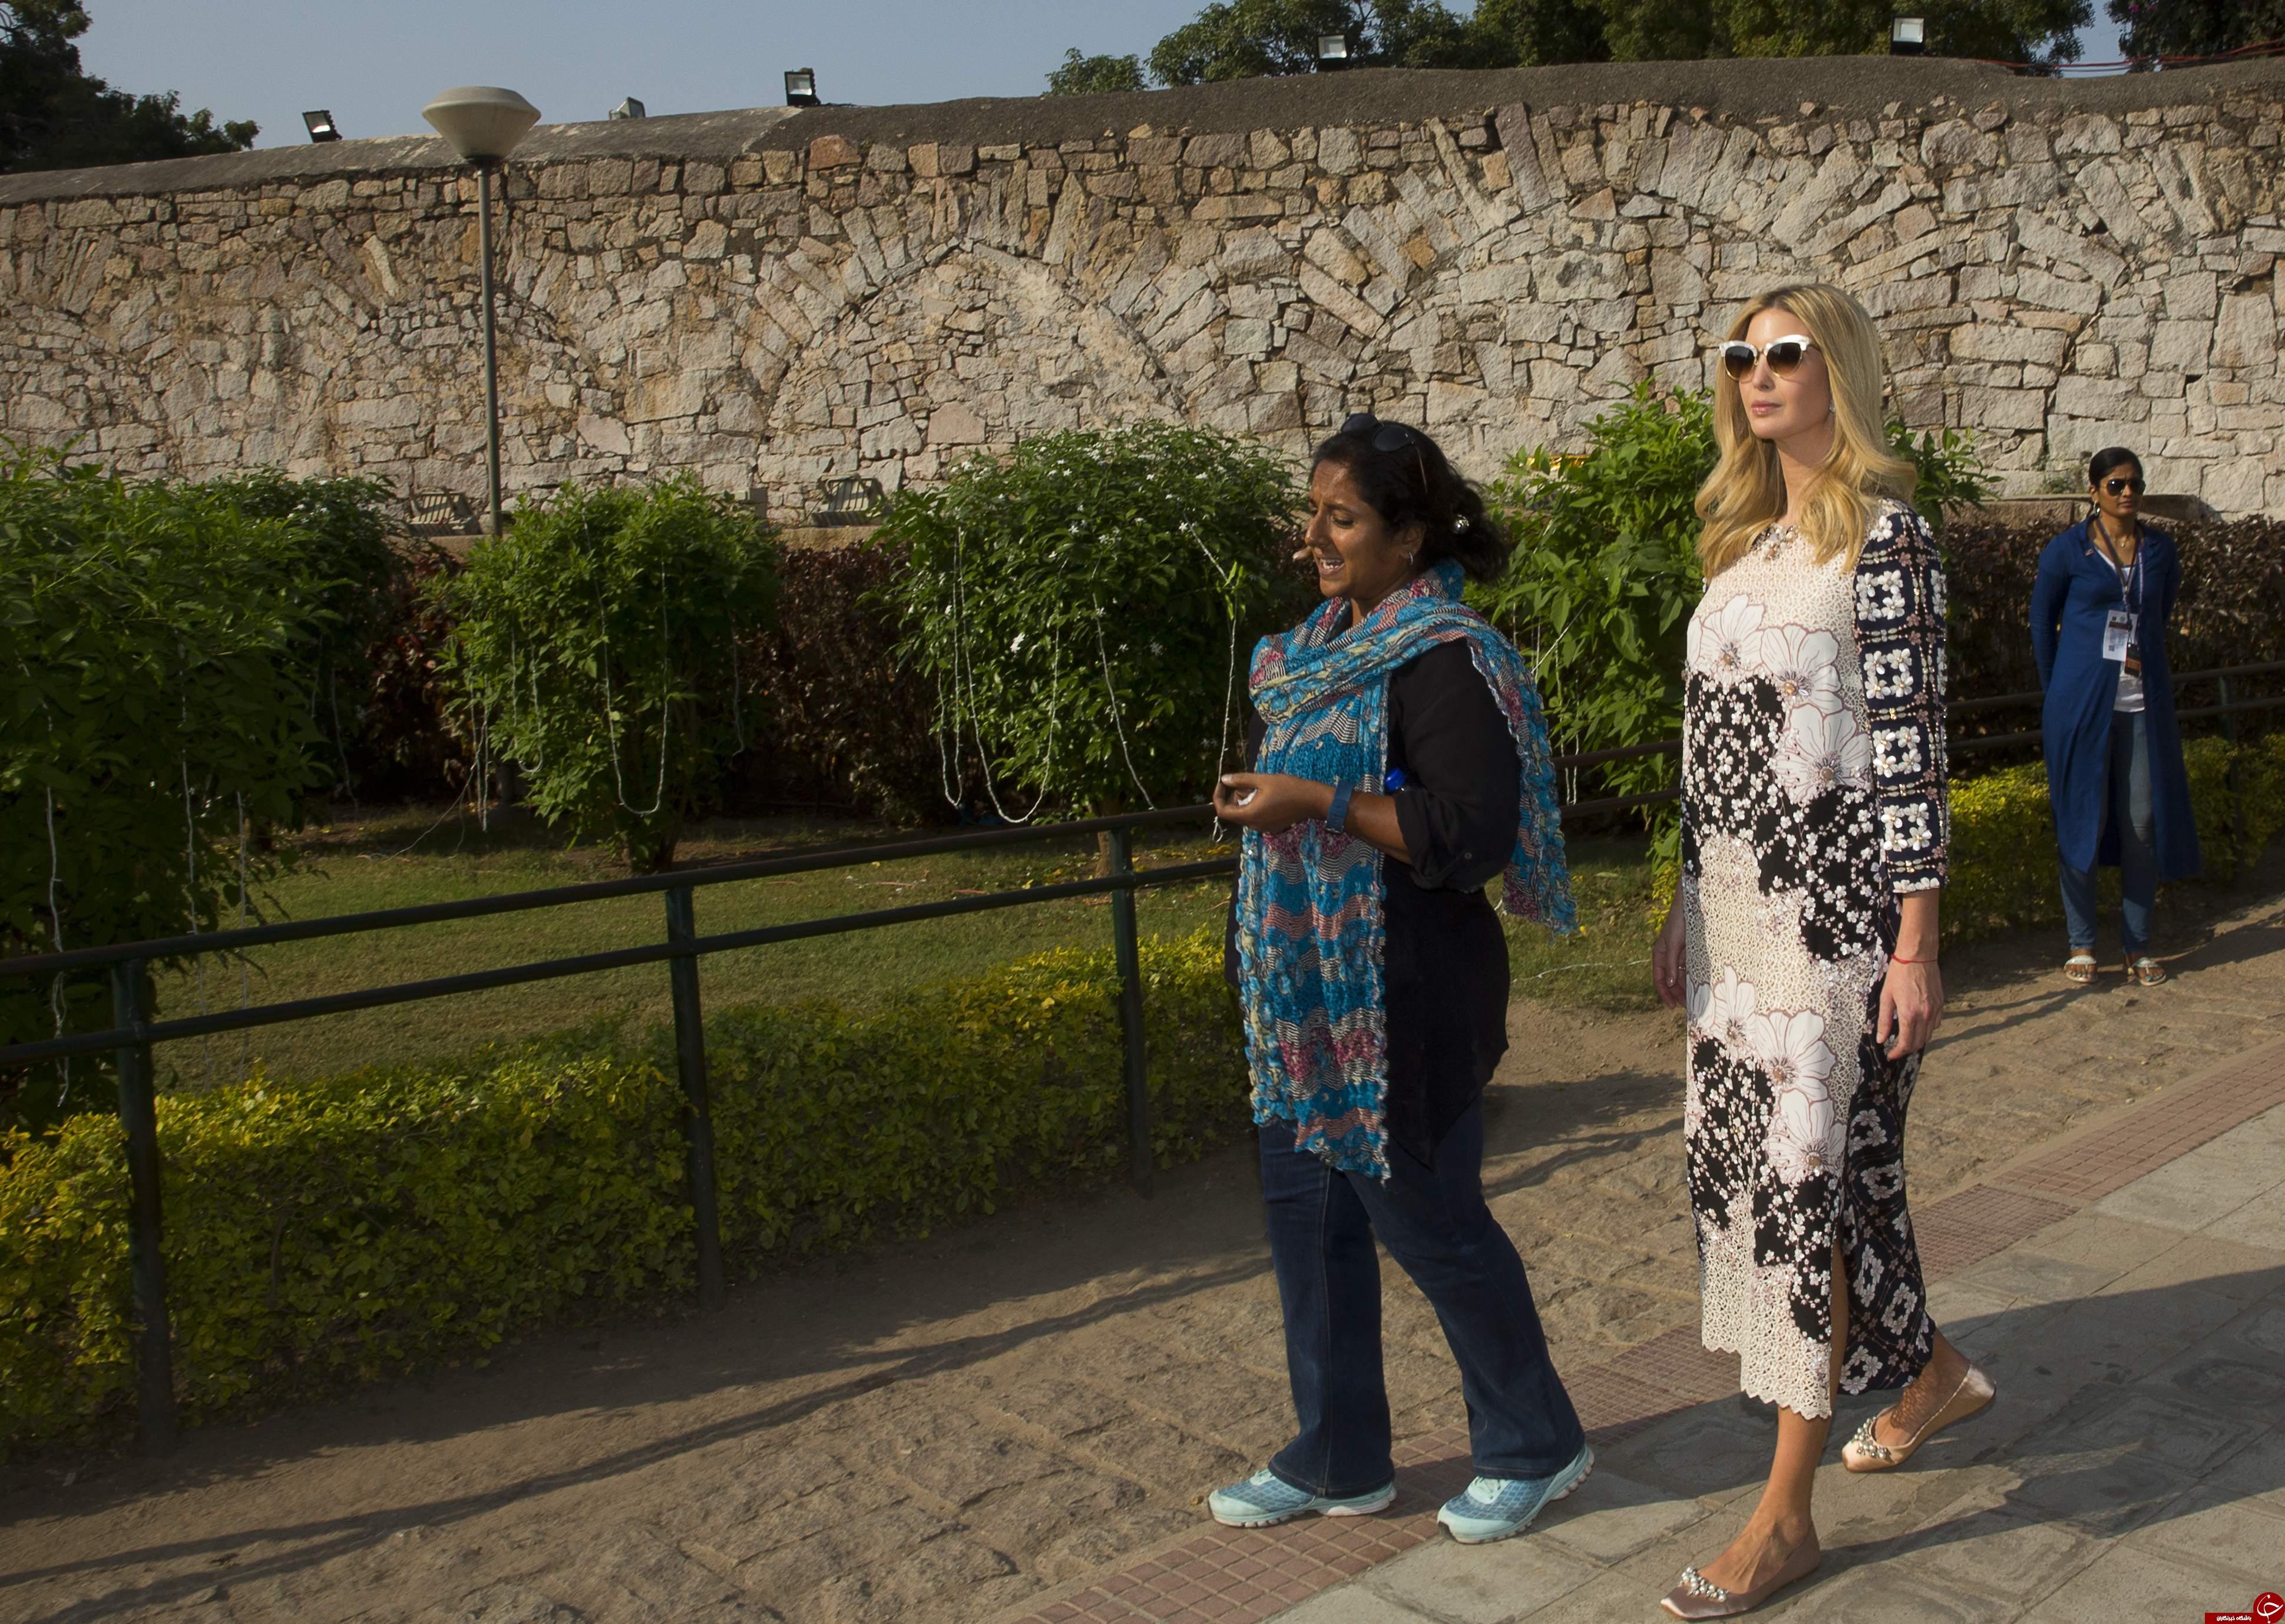 چرا لباسهای هندی ایوانکا ترامپ جنجال برانگیز شد؟ + تصاویر